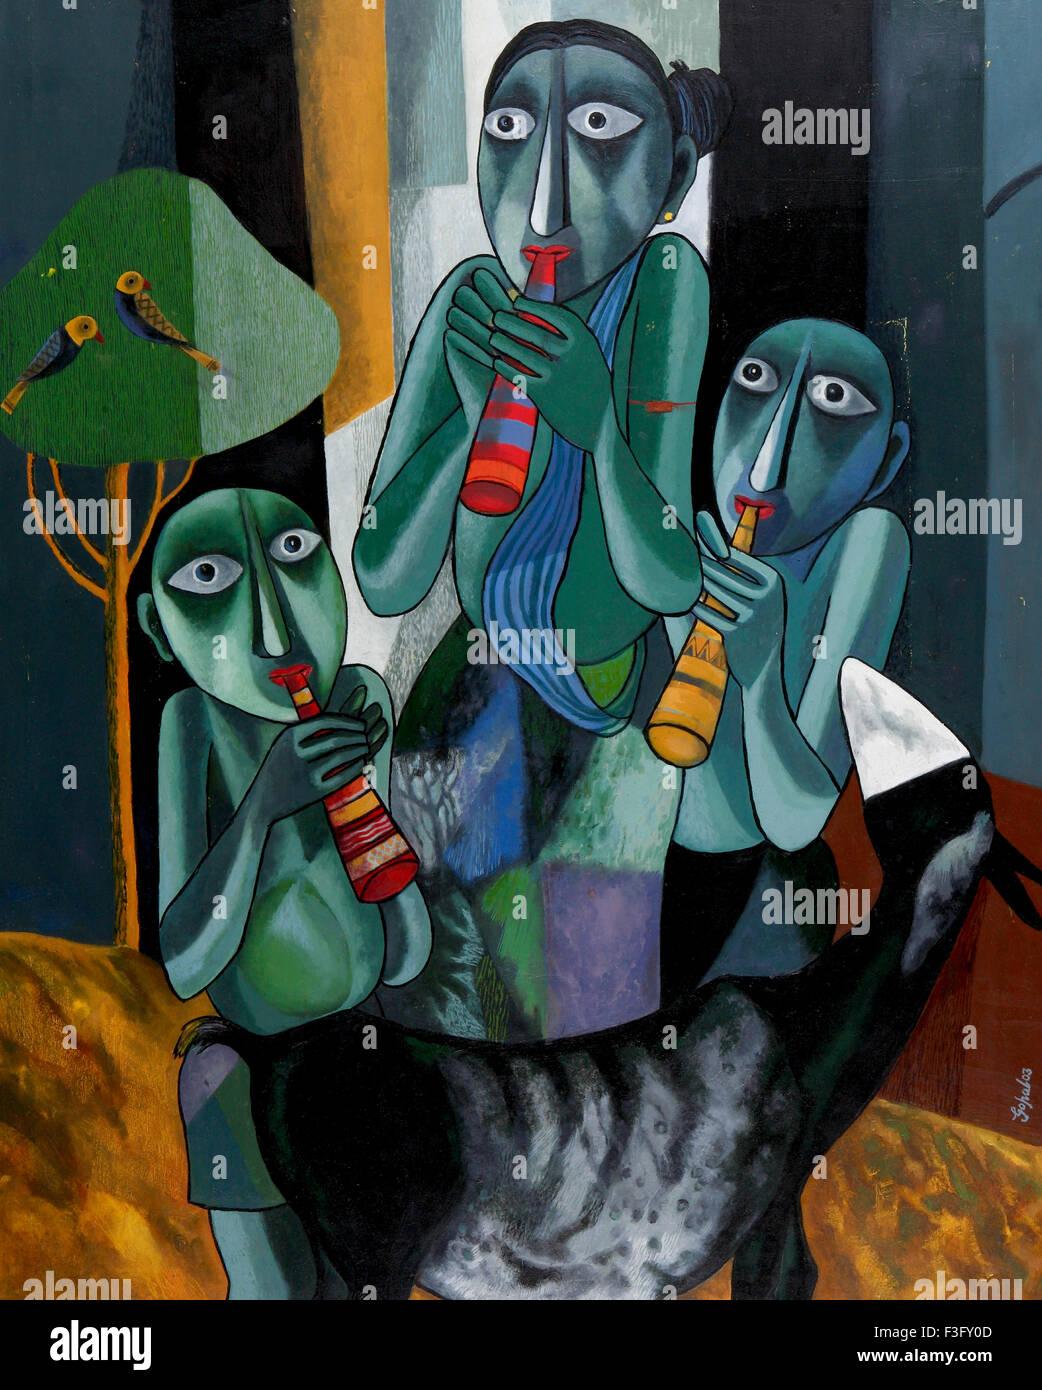 Untitled dal pittore Gopal Sanyal pittura acrilico su tela 36' x 45' arte contemporanea del Bengala ; India Foto Stock